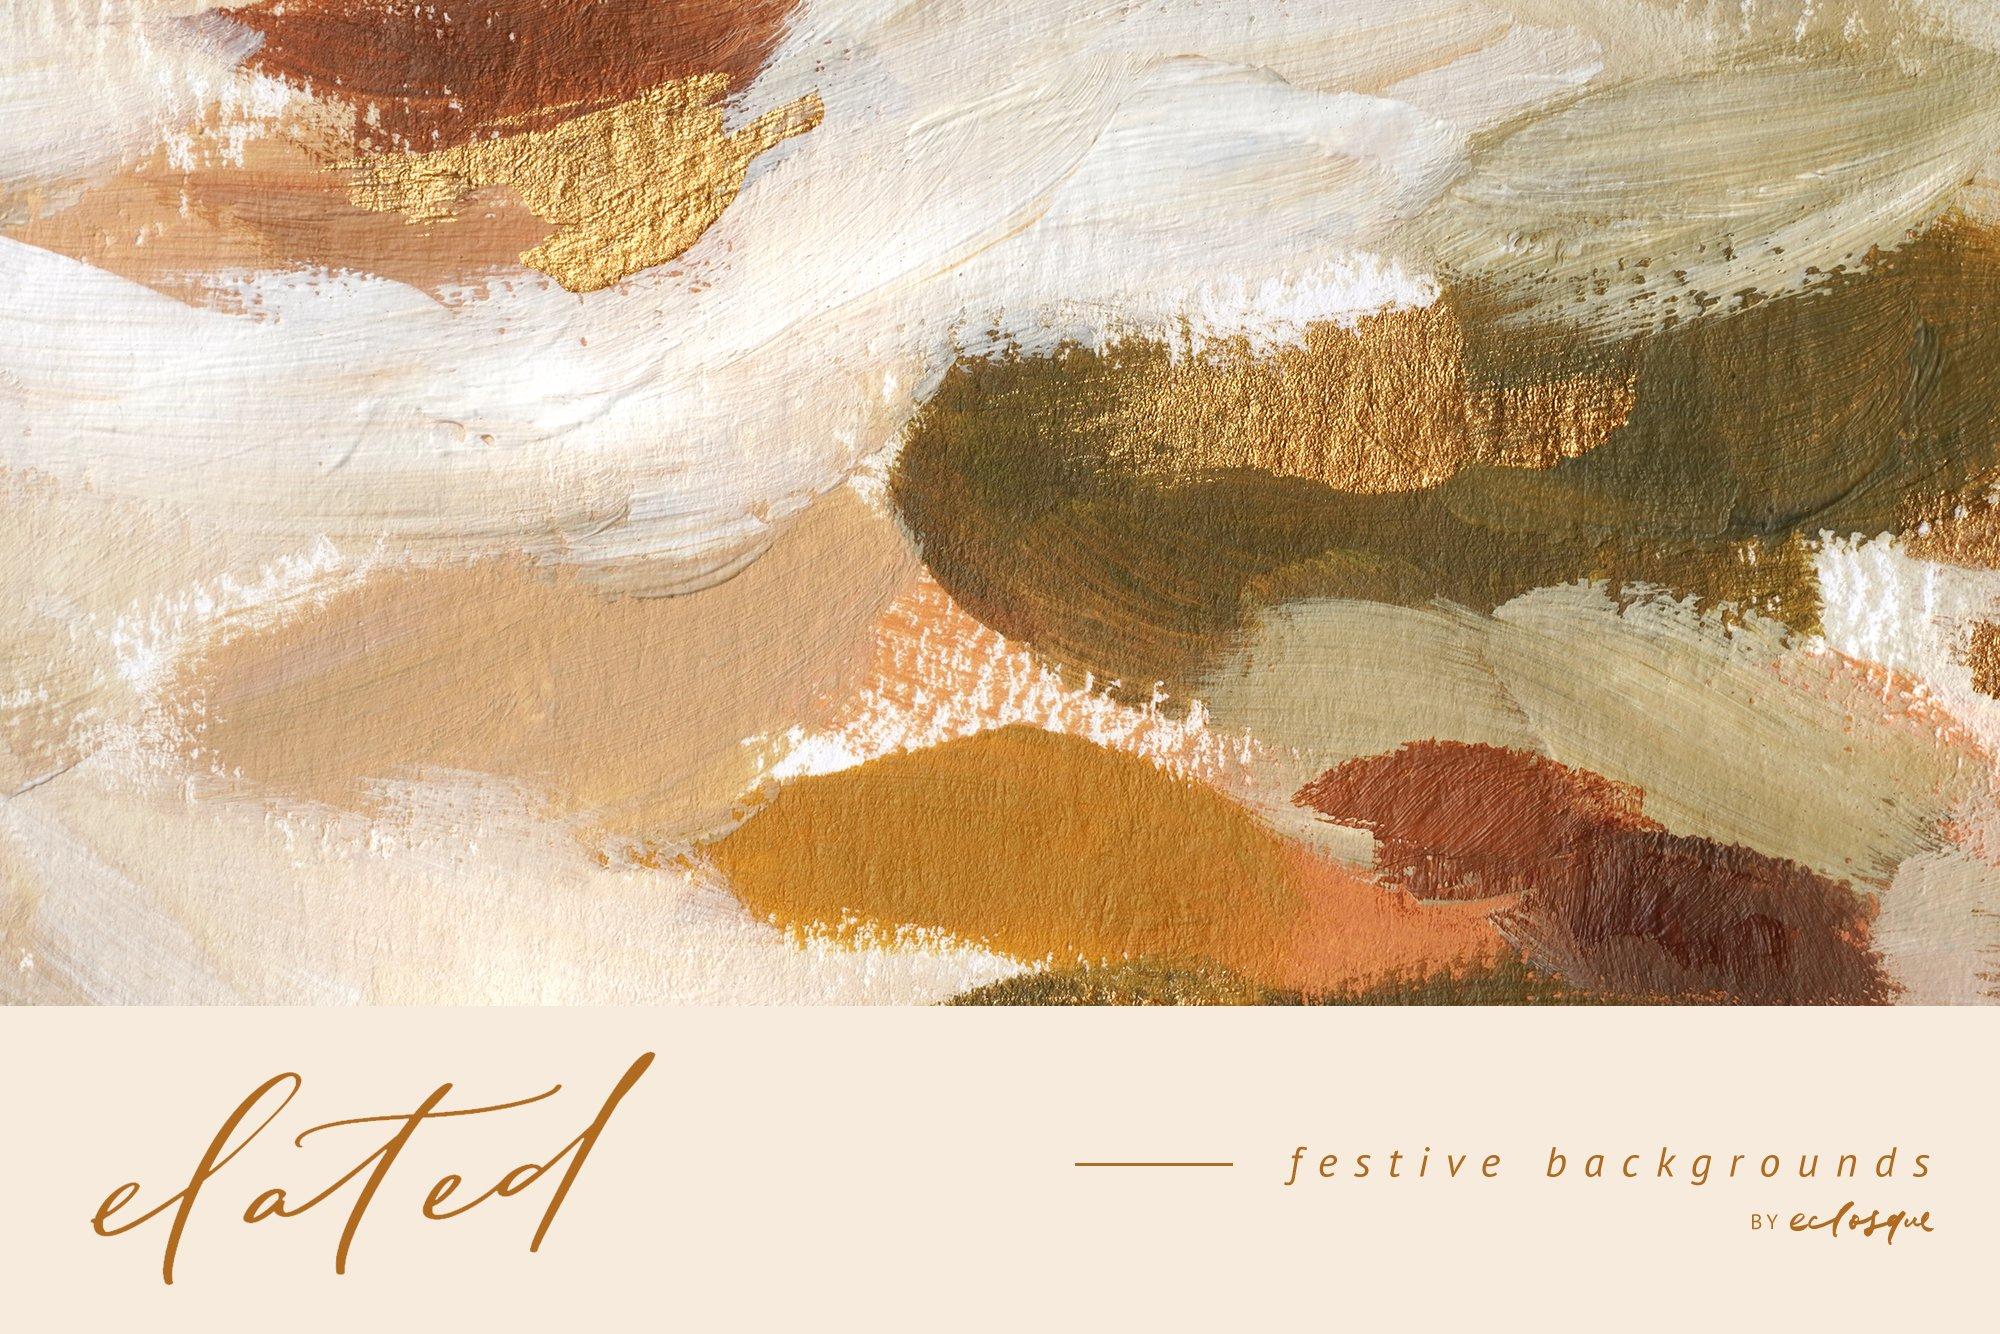 [淘宝购买] 90款新潮抽象轻奢金漆笔触装饰图案纹理背景图片素材 Elated Abstract Painted Backgrounds插图